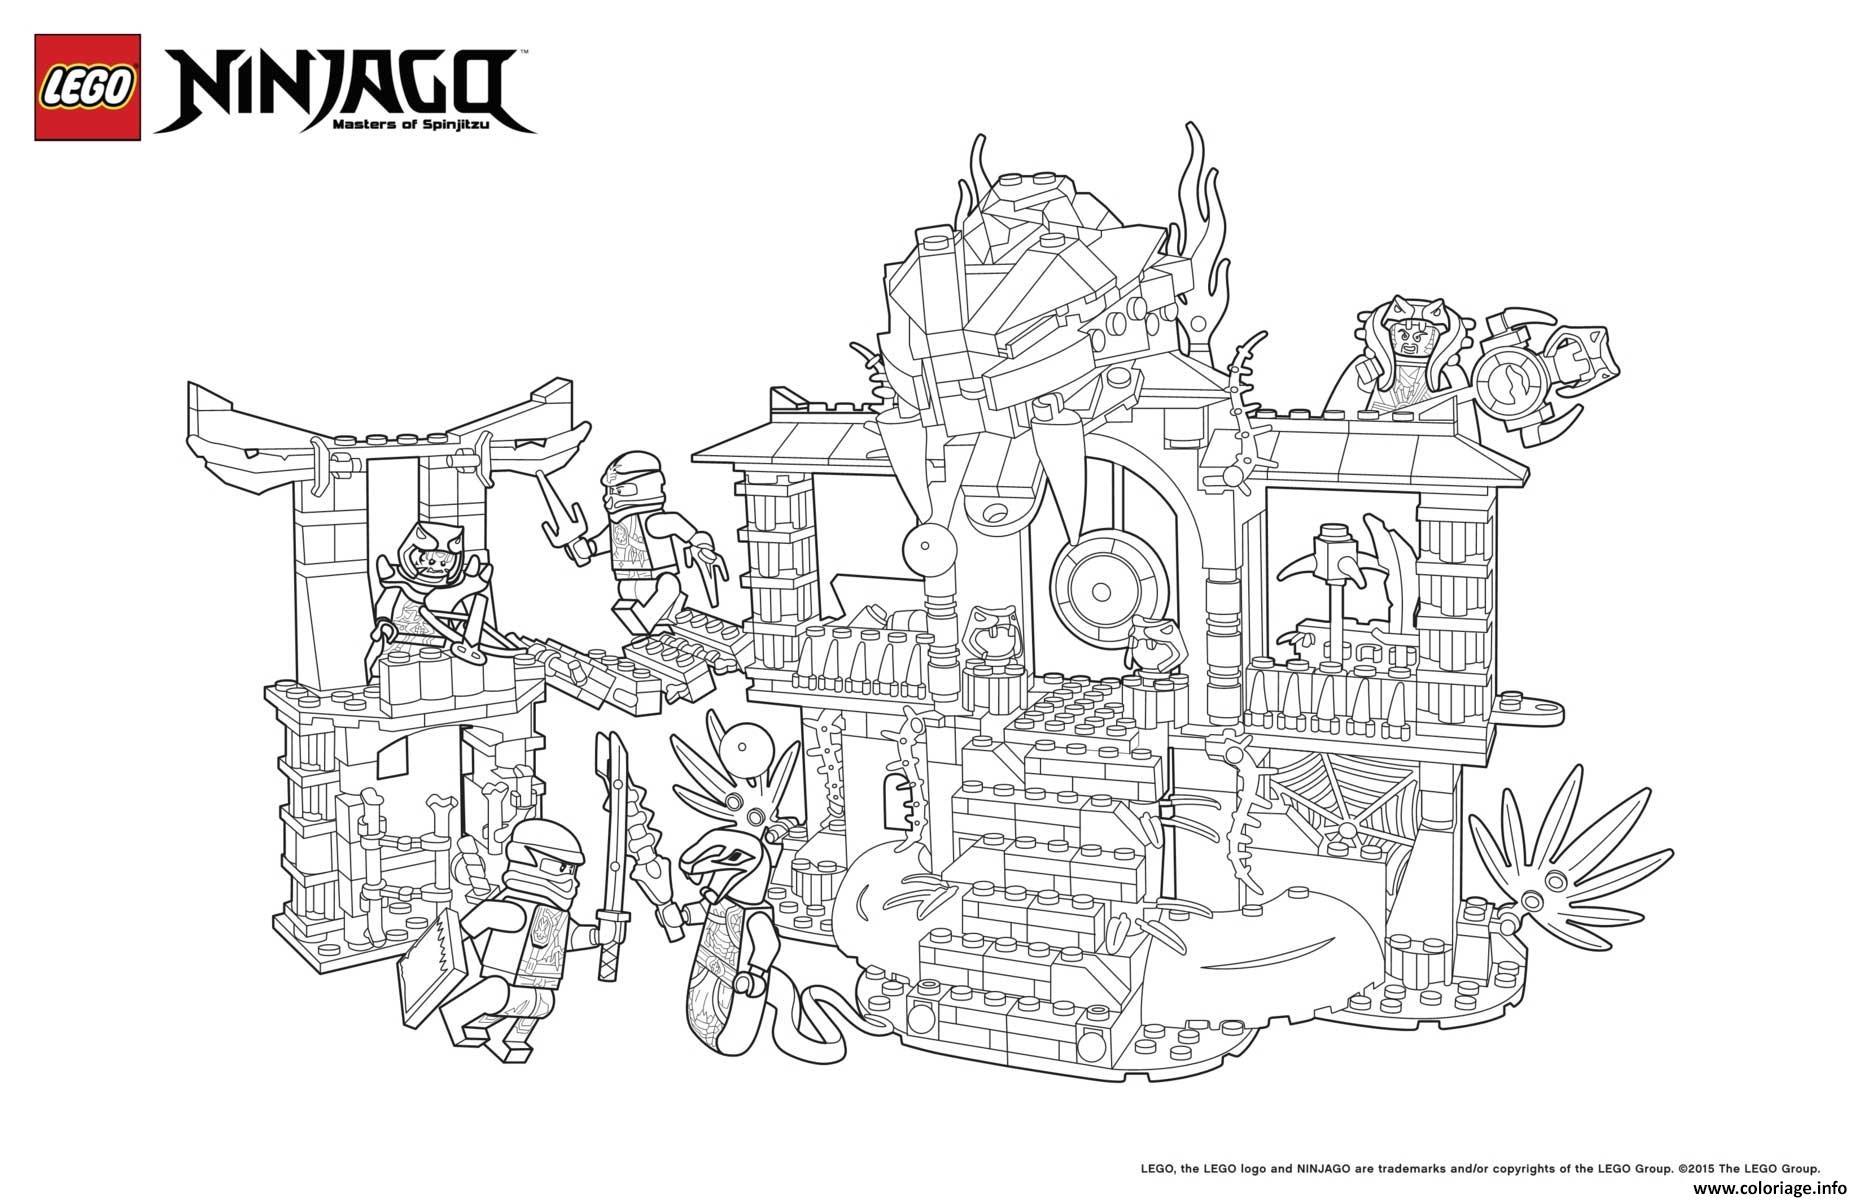 Coloriage le palais de ninjago lego dessin - Dessin de lego ninjago ...